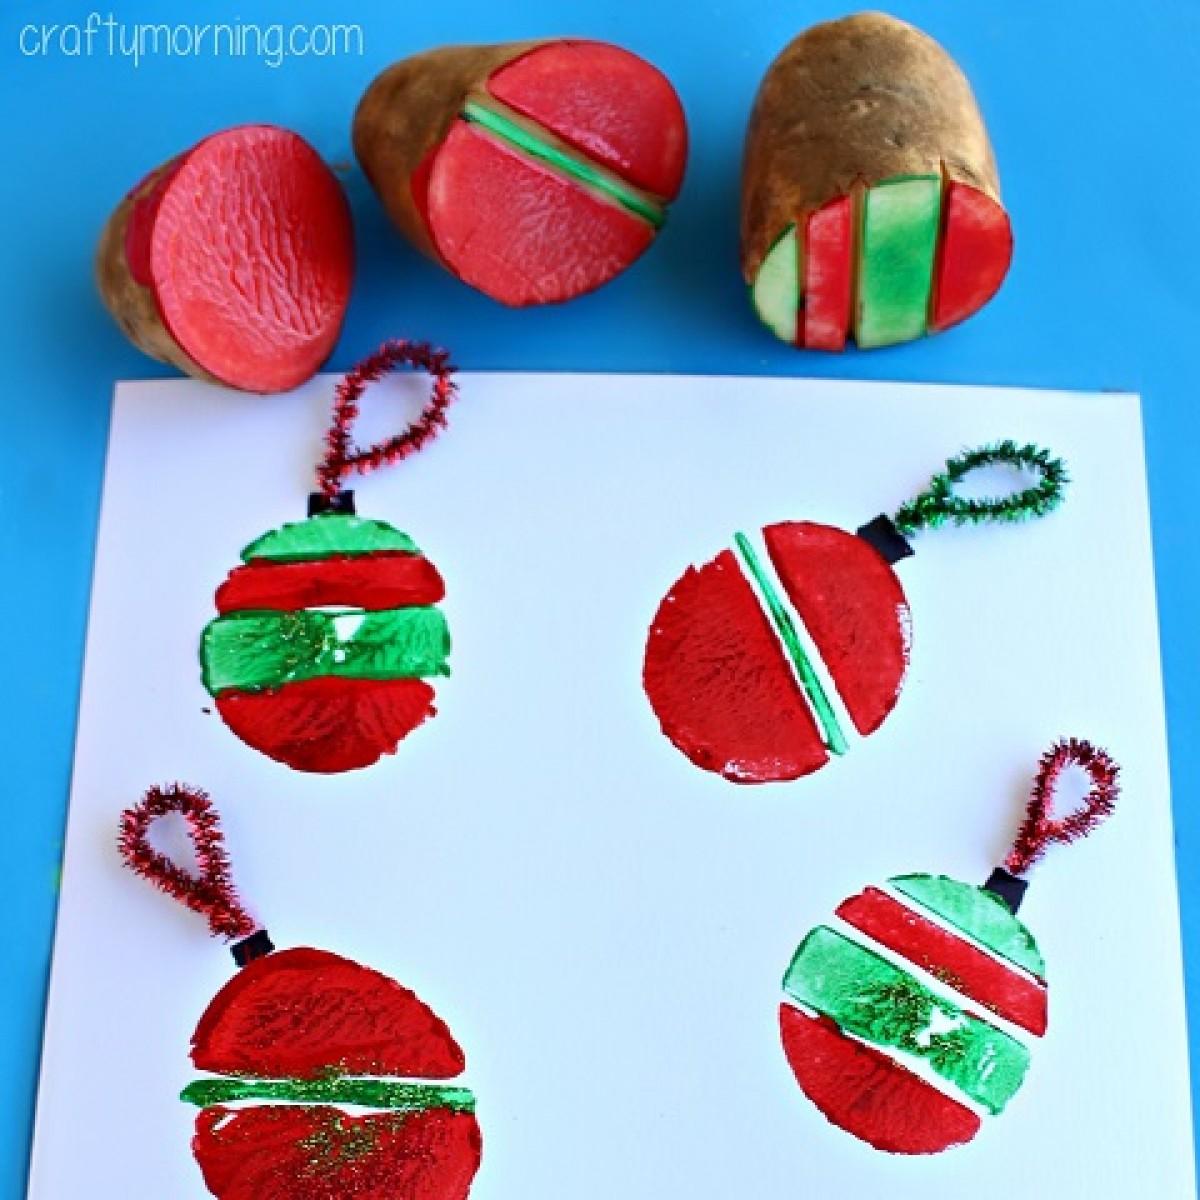 Δημιουργήστε χριστουγεννιάτικες στάμπες από πατάτες